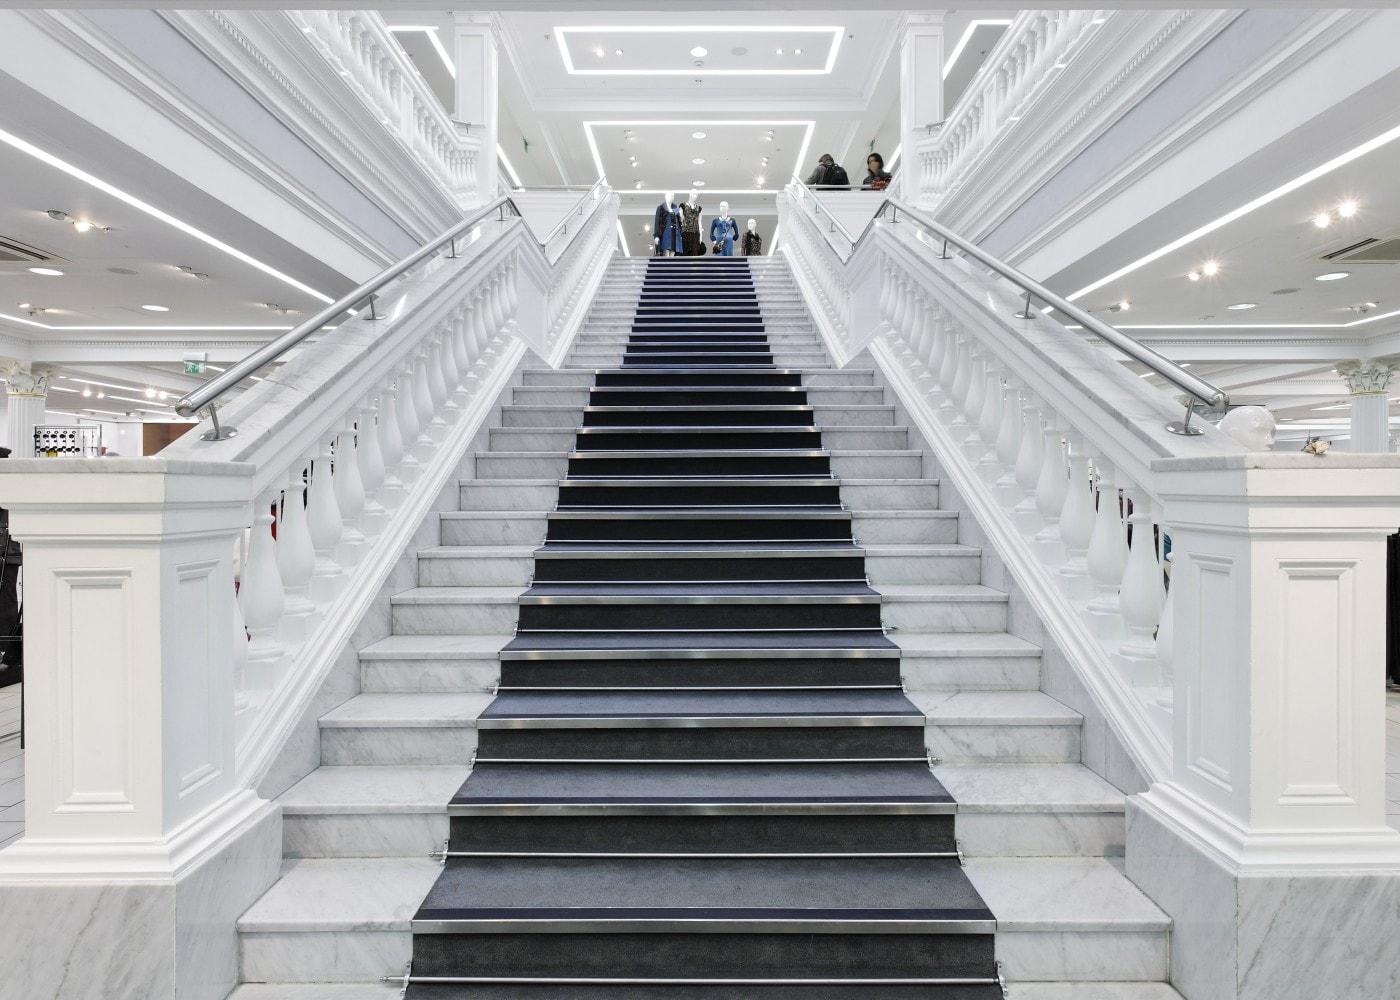 retail lighting design: M&S Dublin store staircase